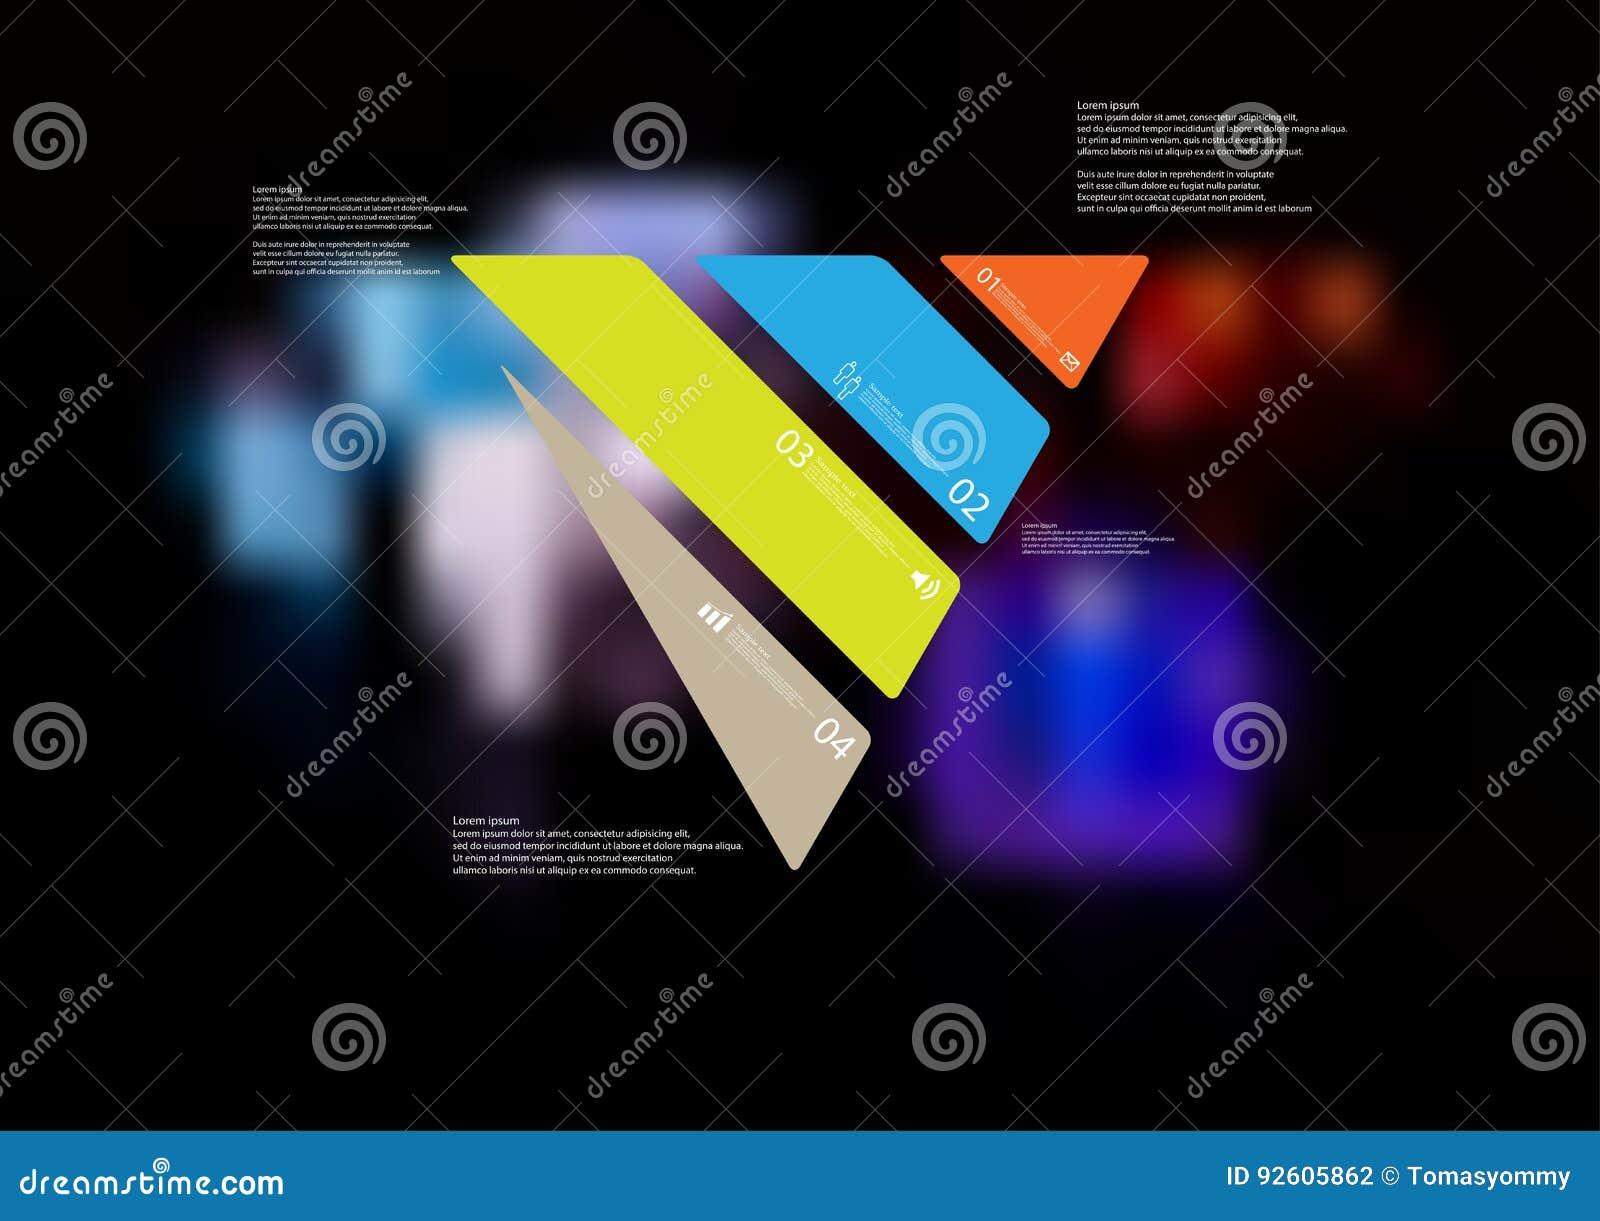 Molde infographic da ilustração com o oblíquo do triângulo dividido a quatro peças autônomas da cor